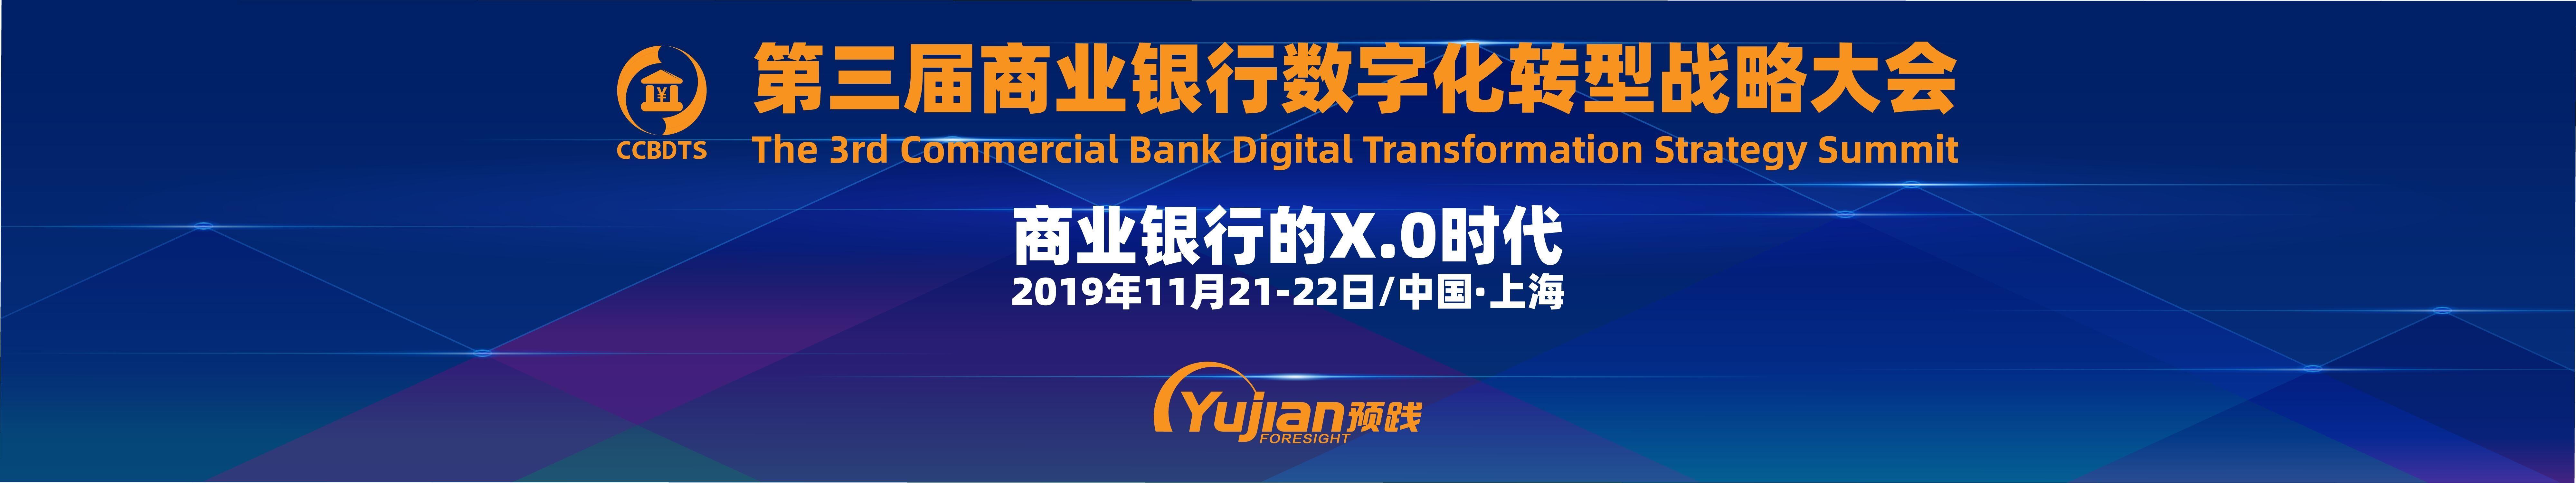 2019第三届商业银行数字化转型战略大会(上海)